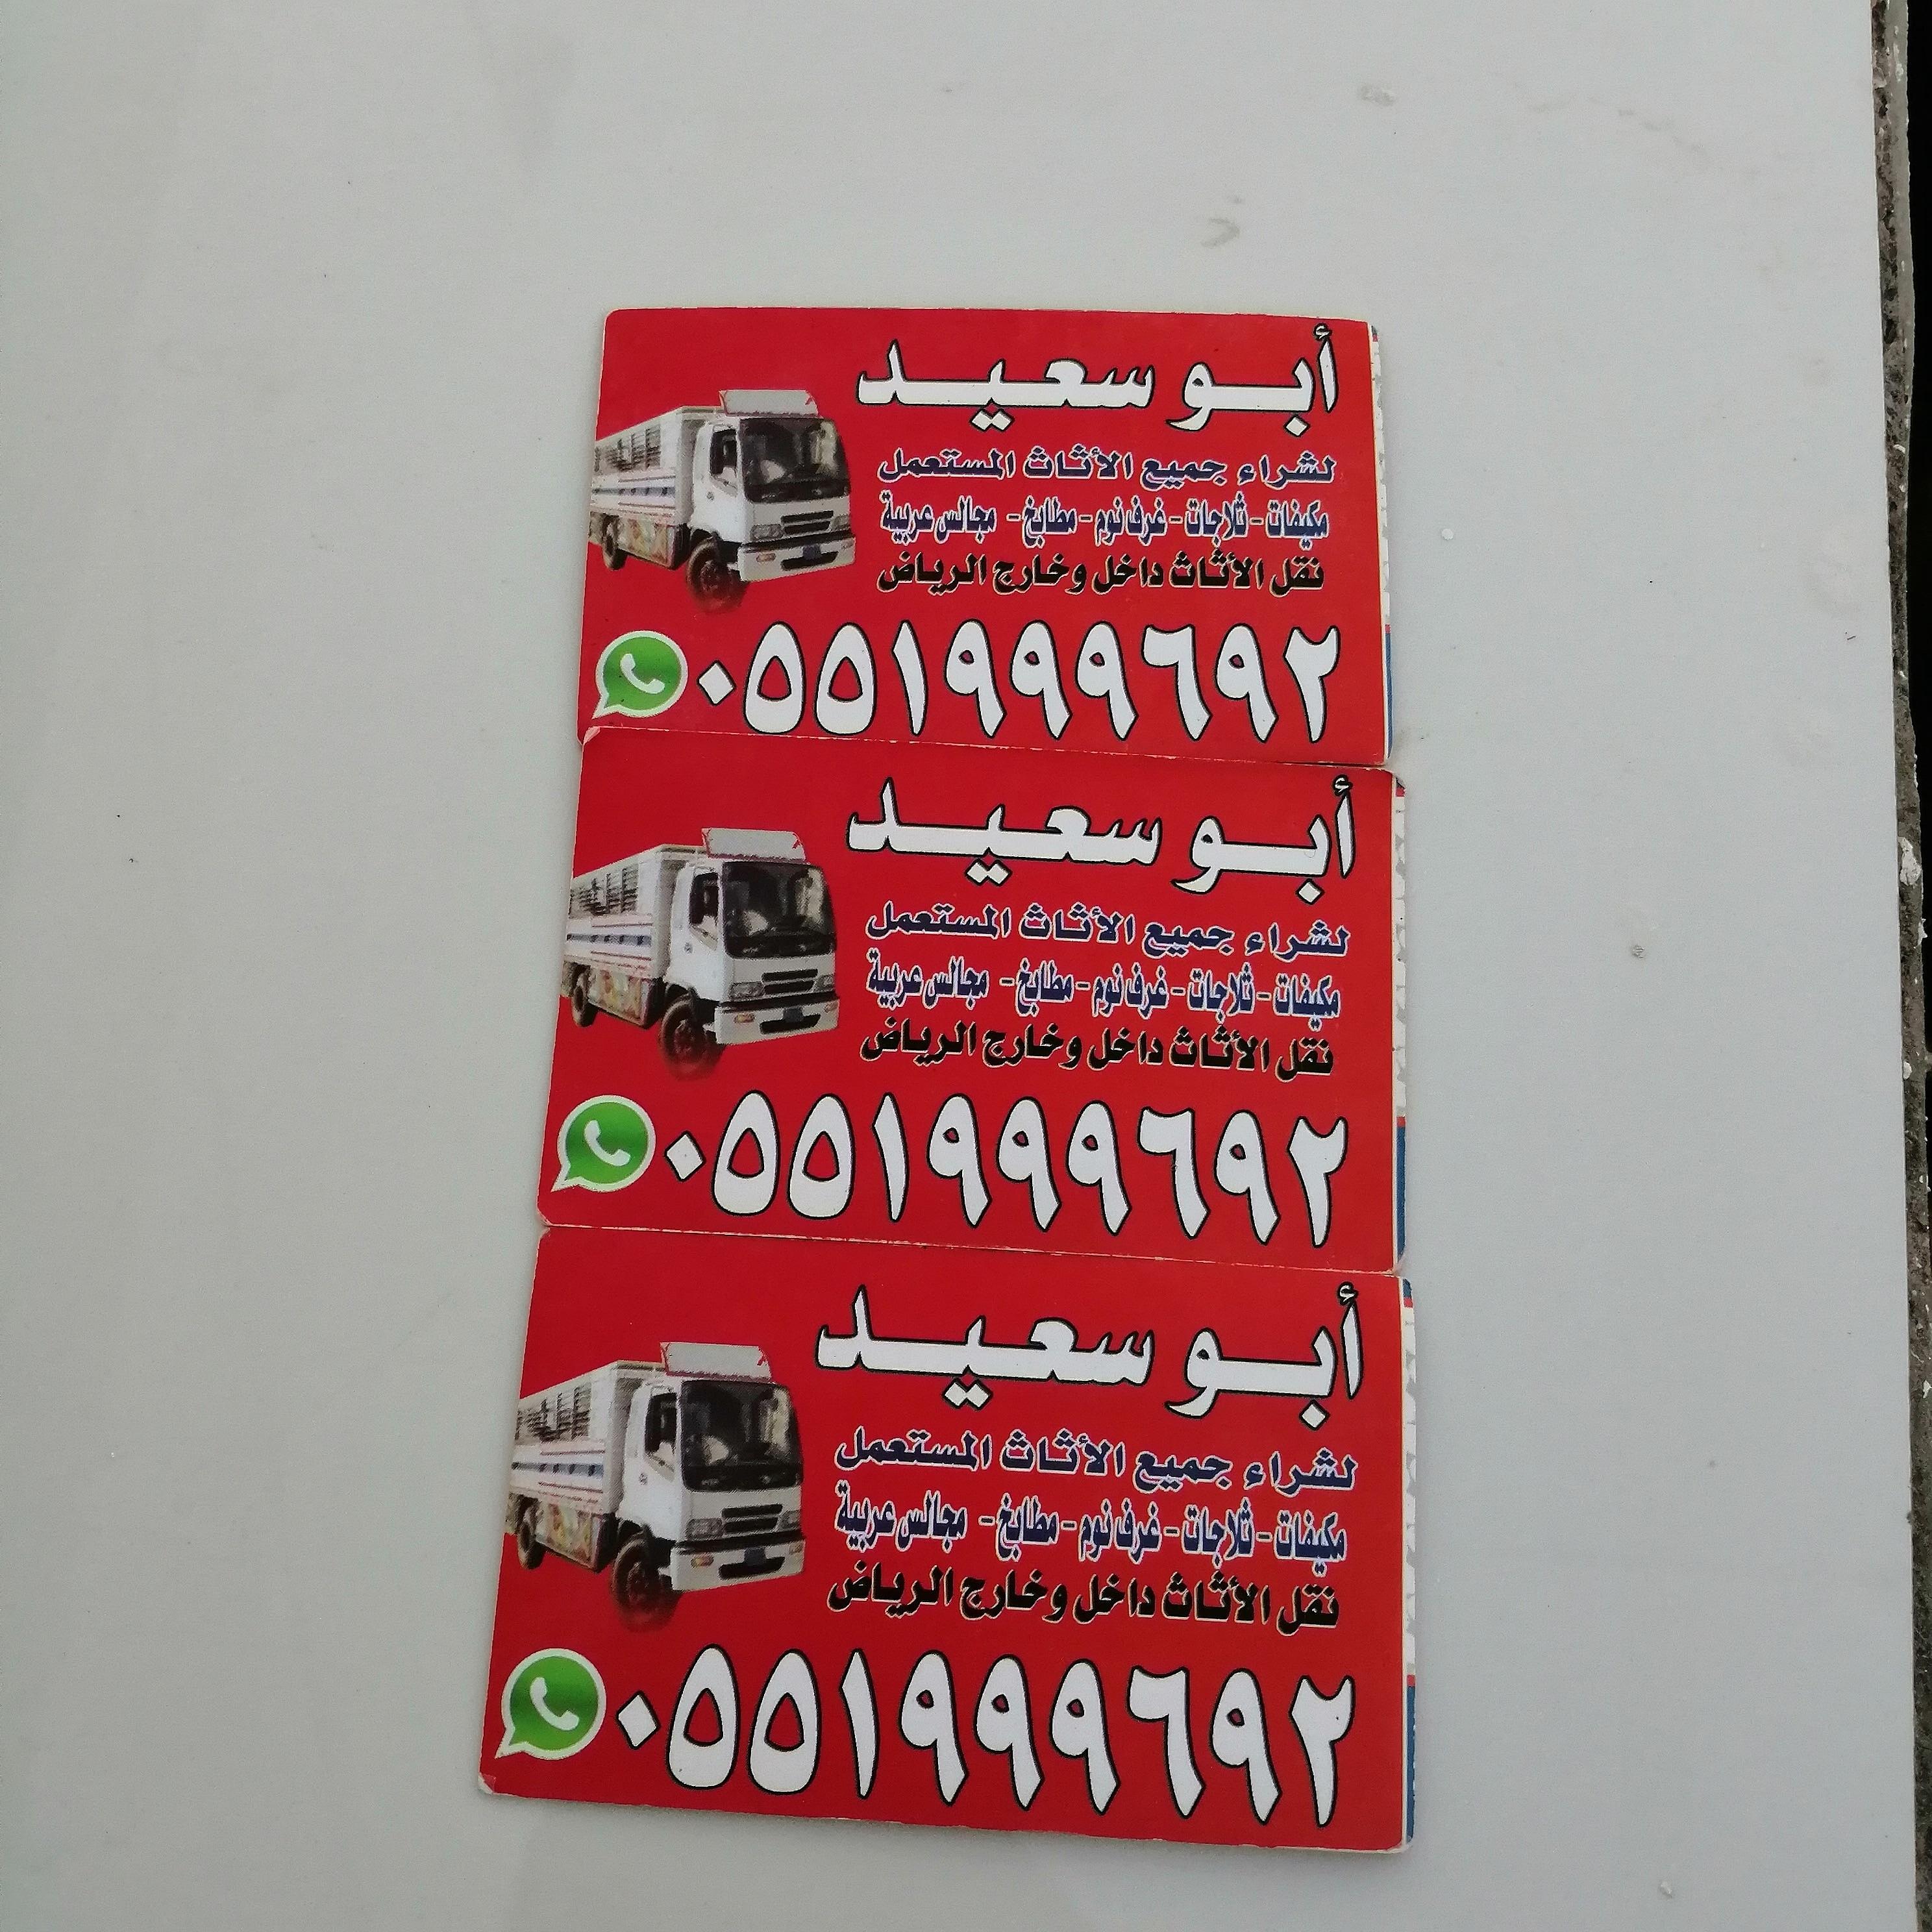 شراء اثاث مستعمل شرق الرياض 0551999692 ابوصالح